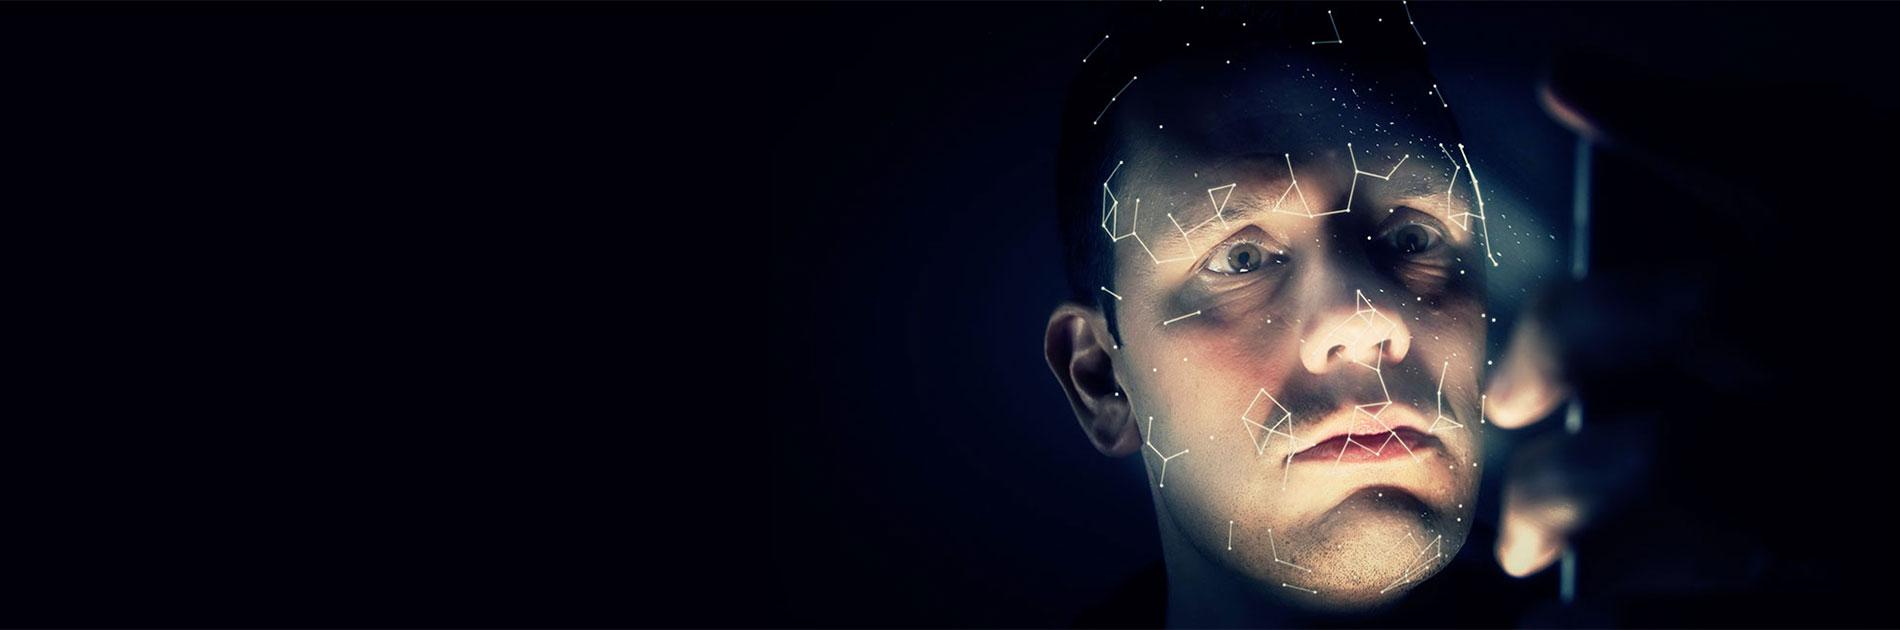 slider-DIS-gov-facial-recognition.jpg